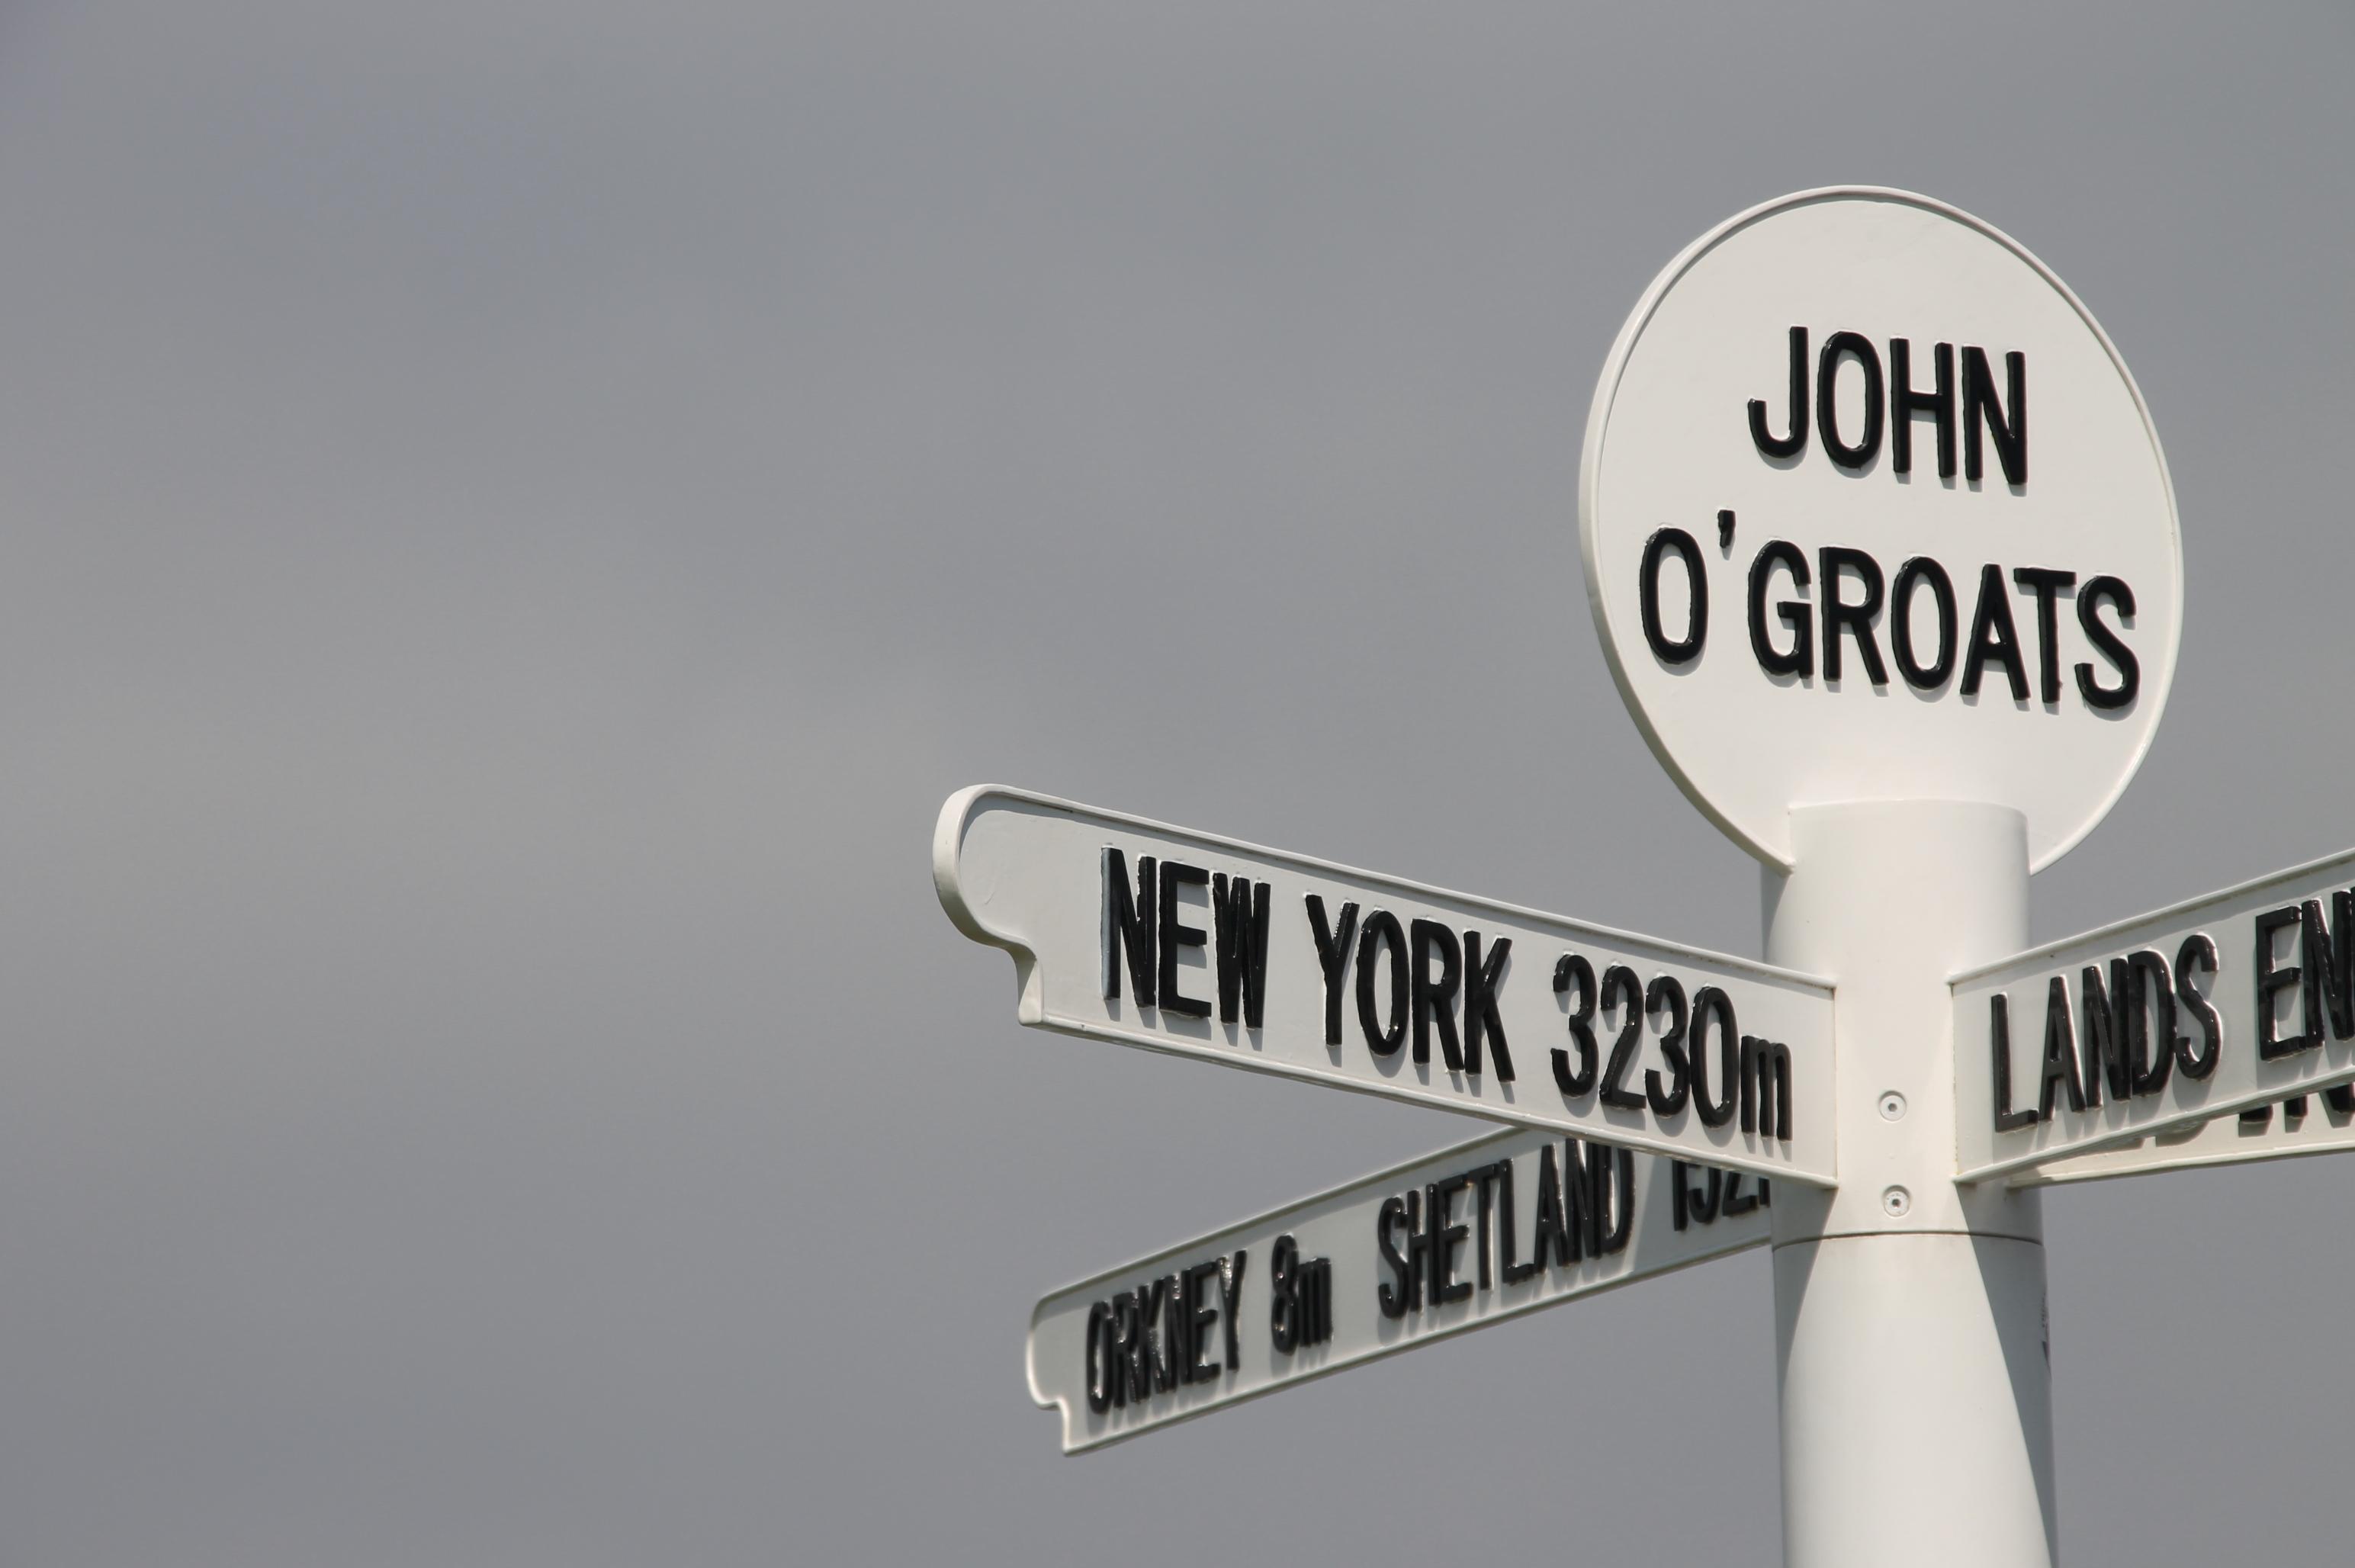 John O'Groats - de meest noordelijke punt van Schotland